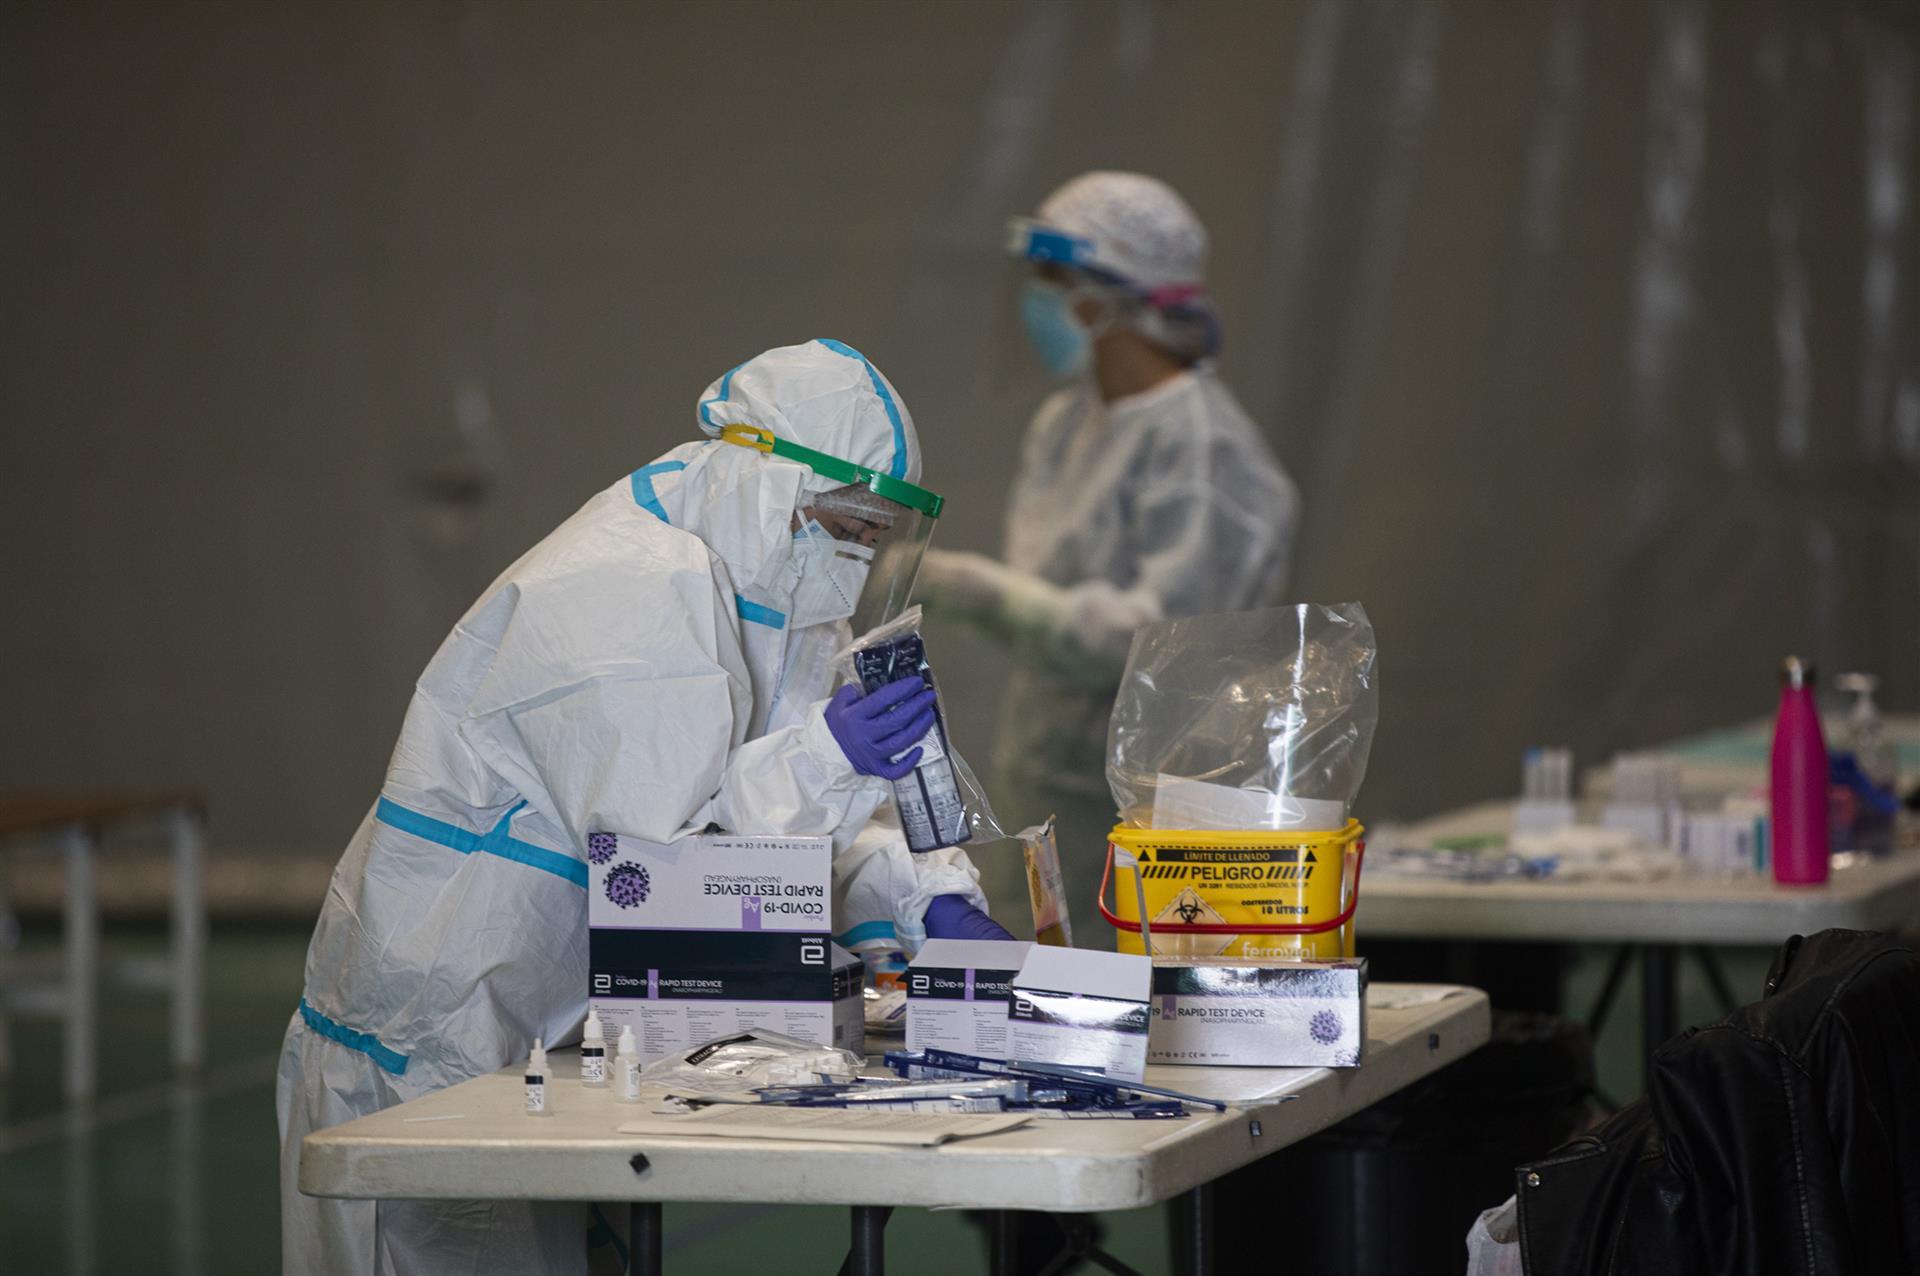 Granada mantiene 230 personas hospitalizadas, 55 de ellas en UCI